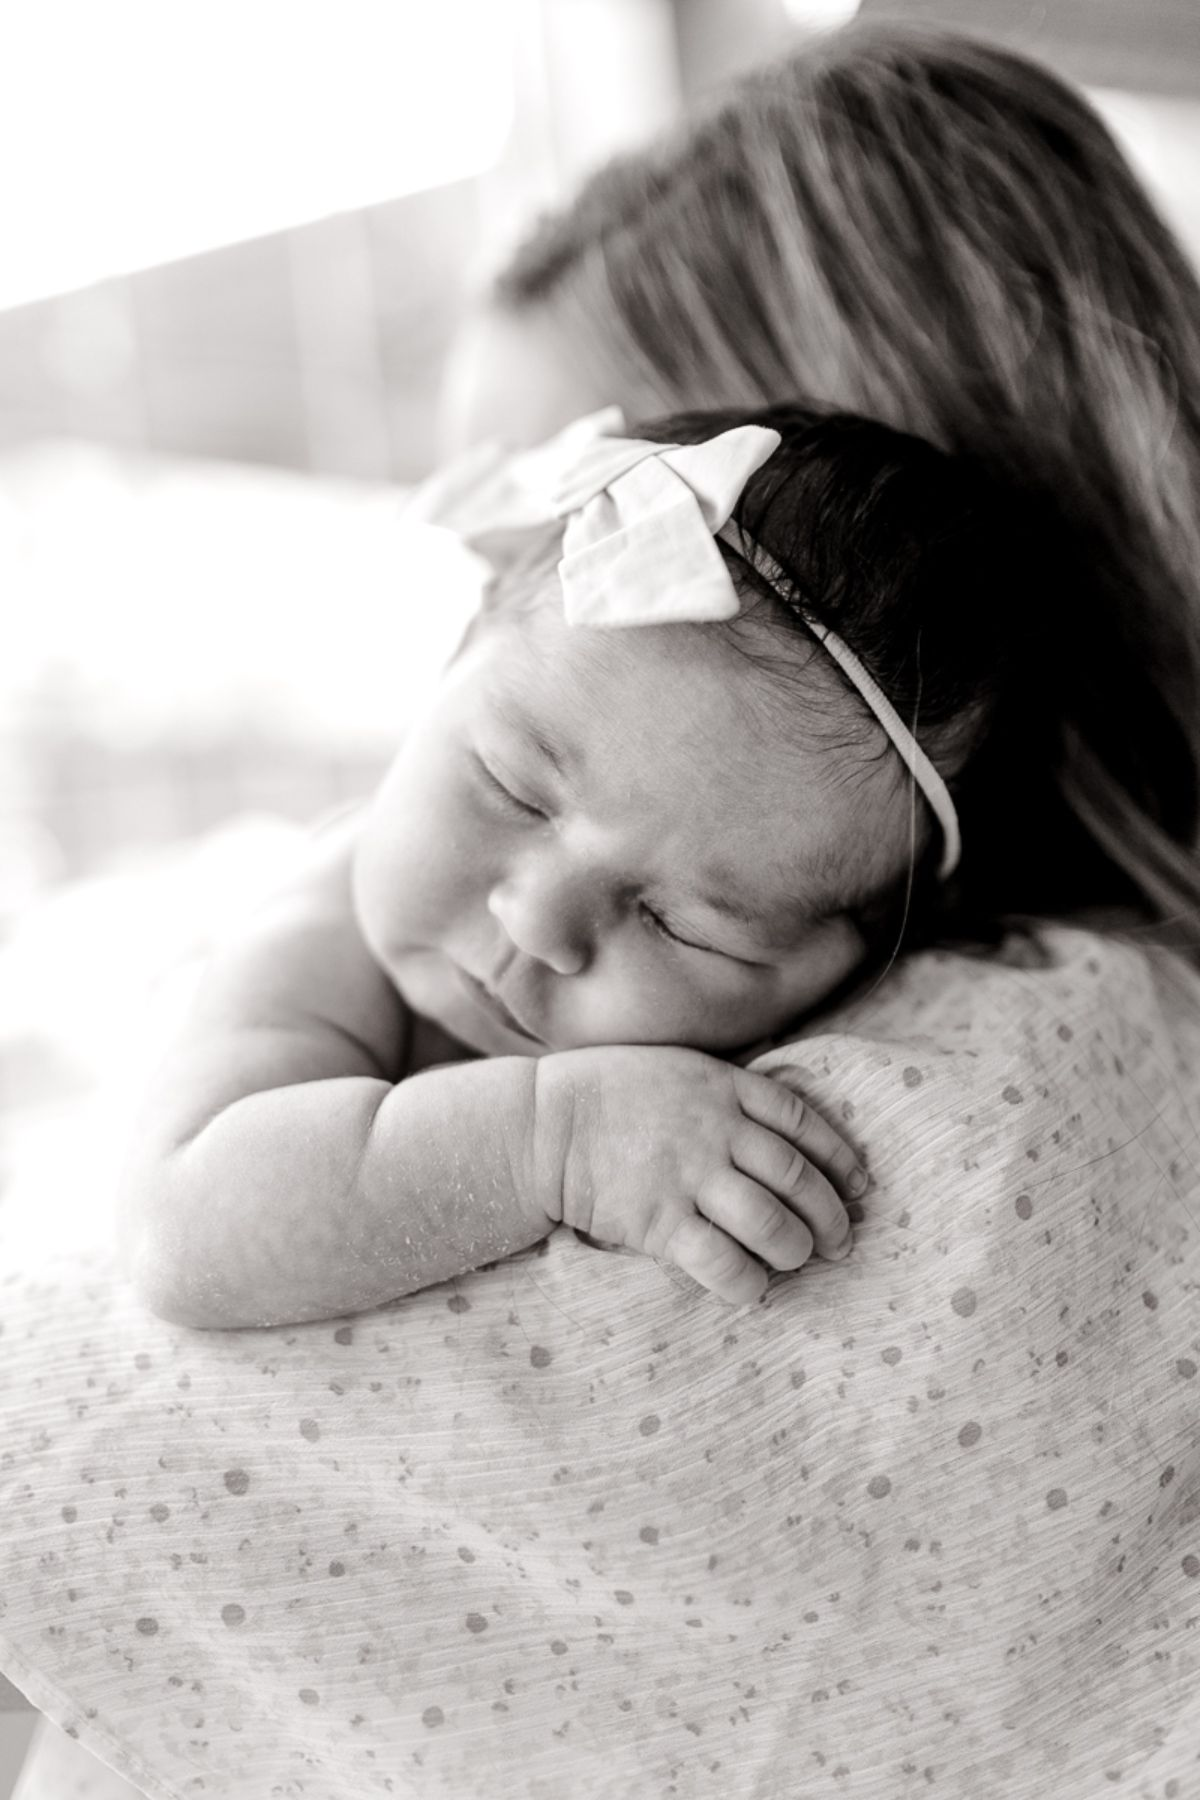 ennis-newborn-photographer-kaitlyn-bullard-charlotte-lifestyle-newborn-31.jpg